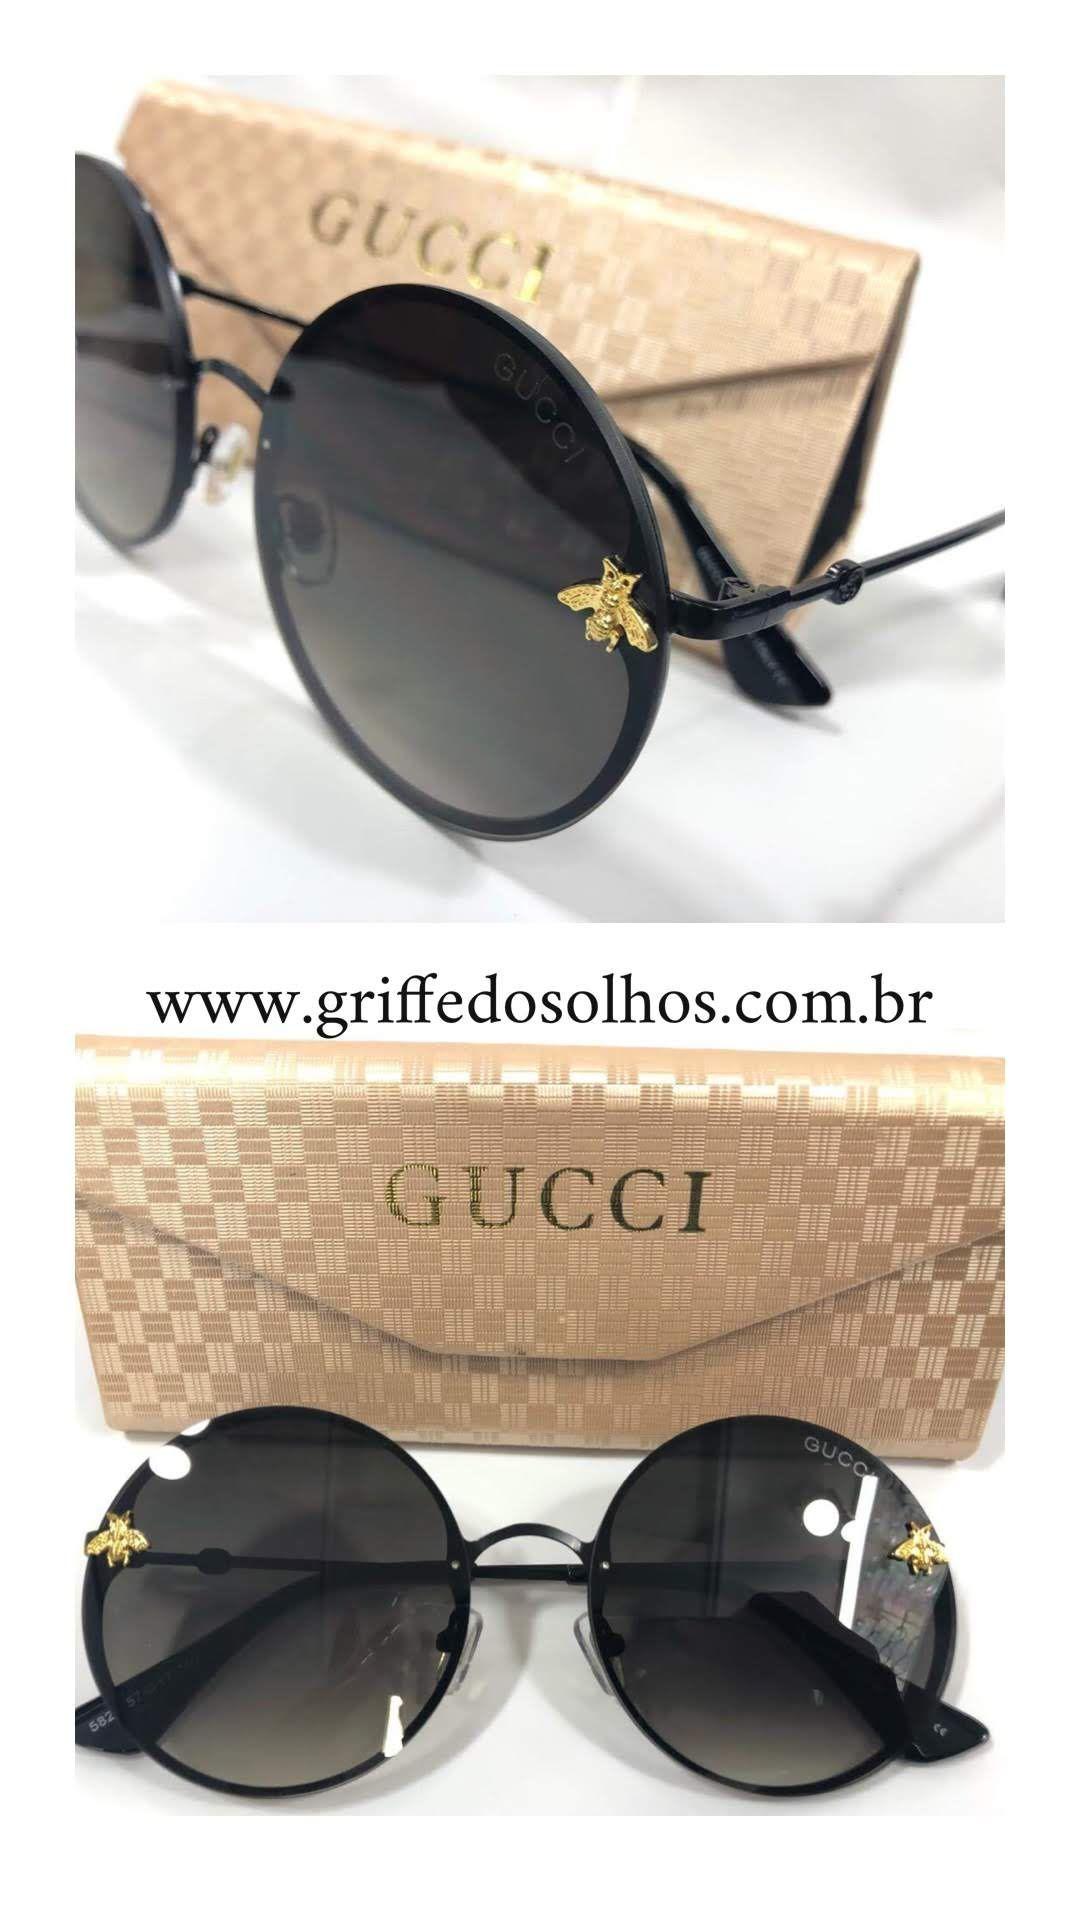 f648587ea ... Óculos de Sol 2019 de Griffe dos Olhos. Marca: Gucci Gênero: Feminino  Modelo: Redondo Cor da Lente: Preto Cor Armação